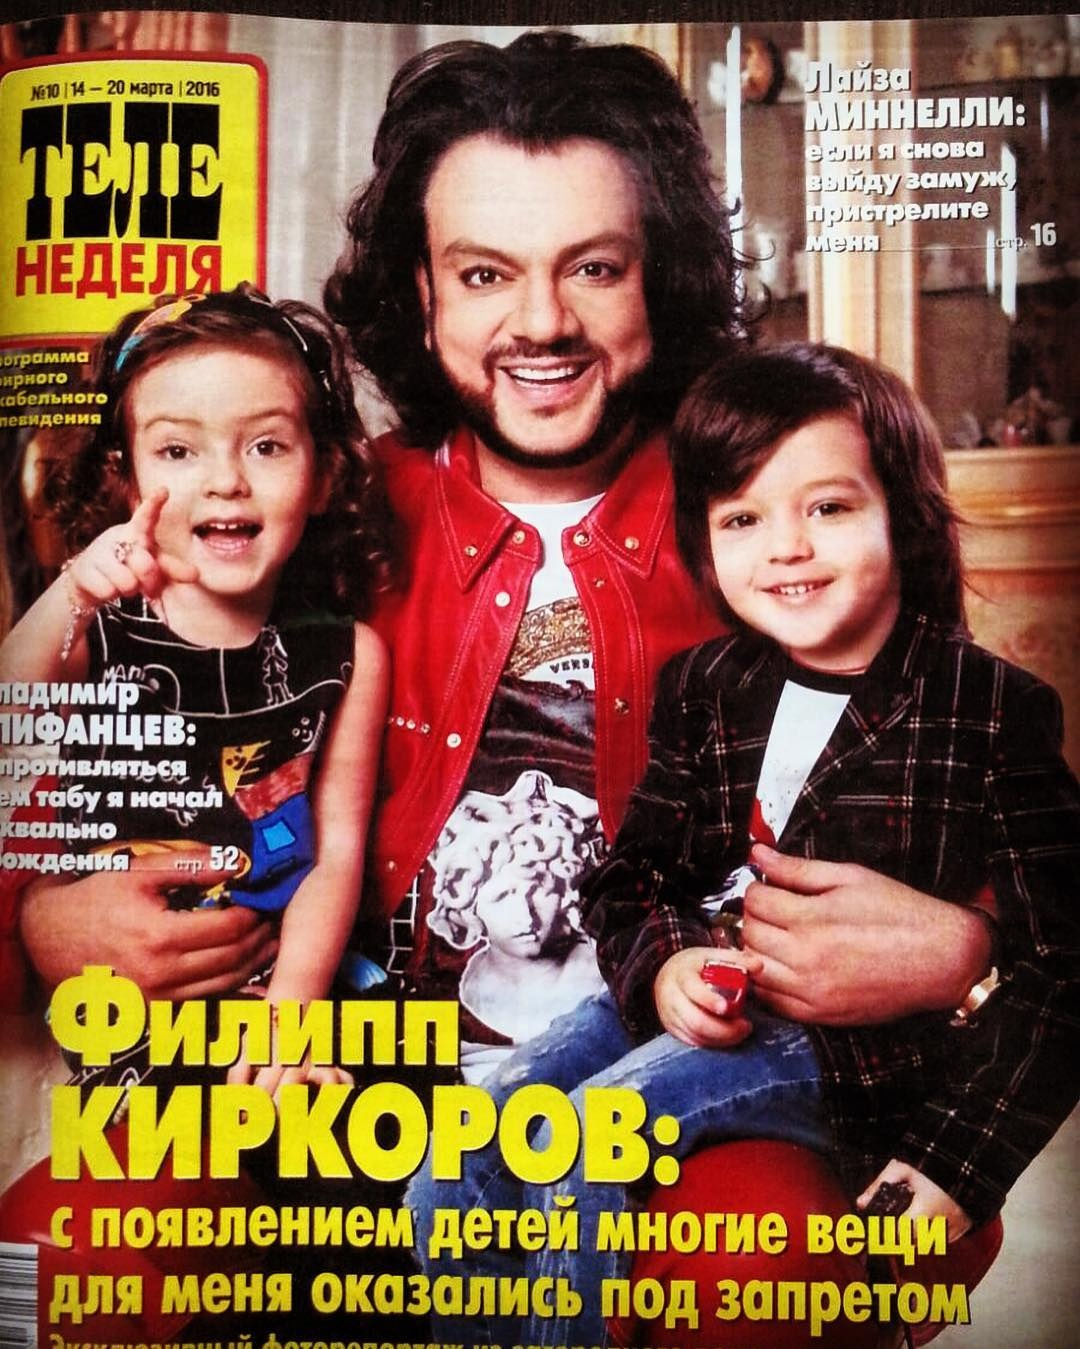 Филипп киркоров биография фото детей